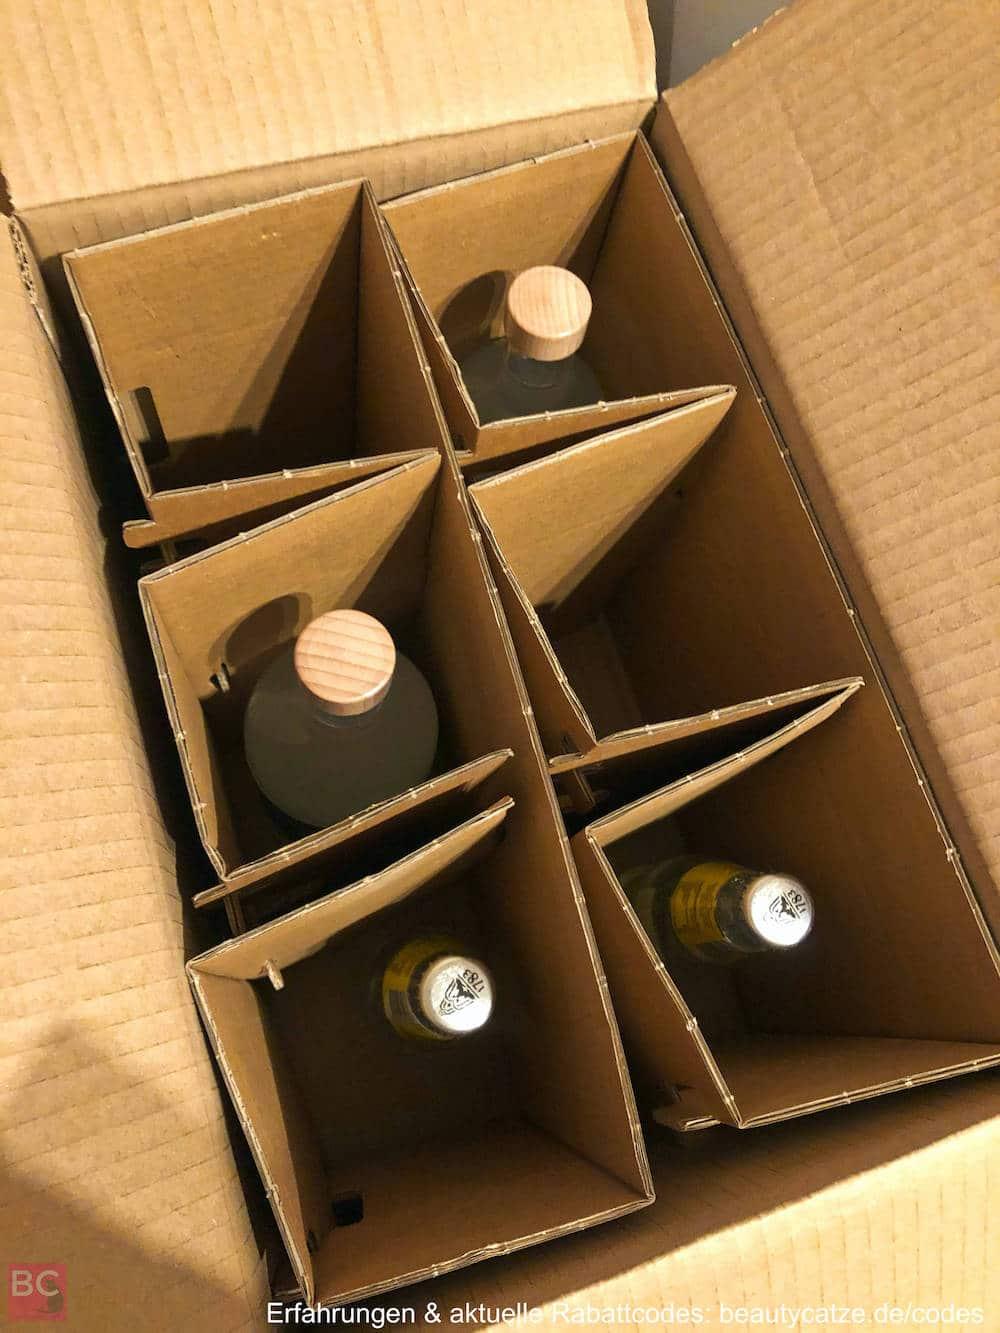 Versand Verpackung LAORI JUNIPER Erfahrungen 500ml alkoholfrei